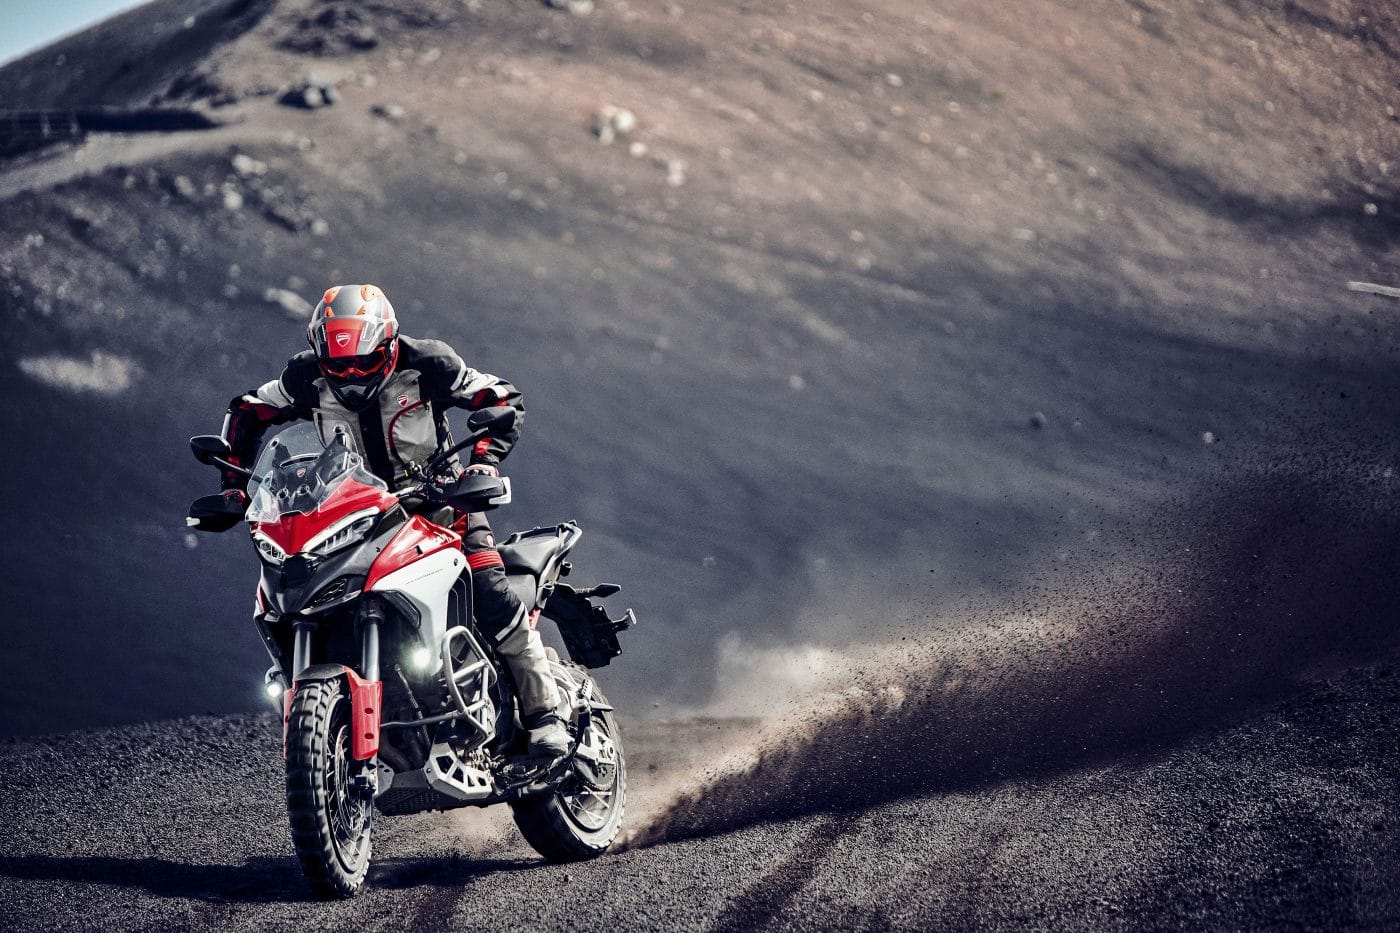 De nieuwe Ducati Multistrada: is dit de GS-killer?